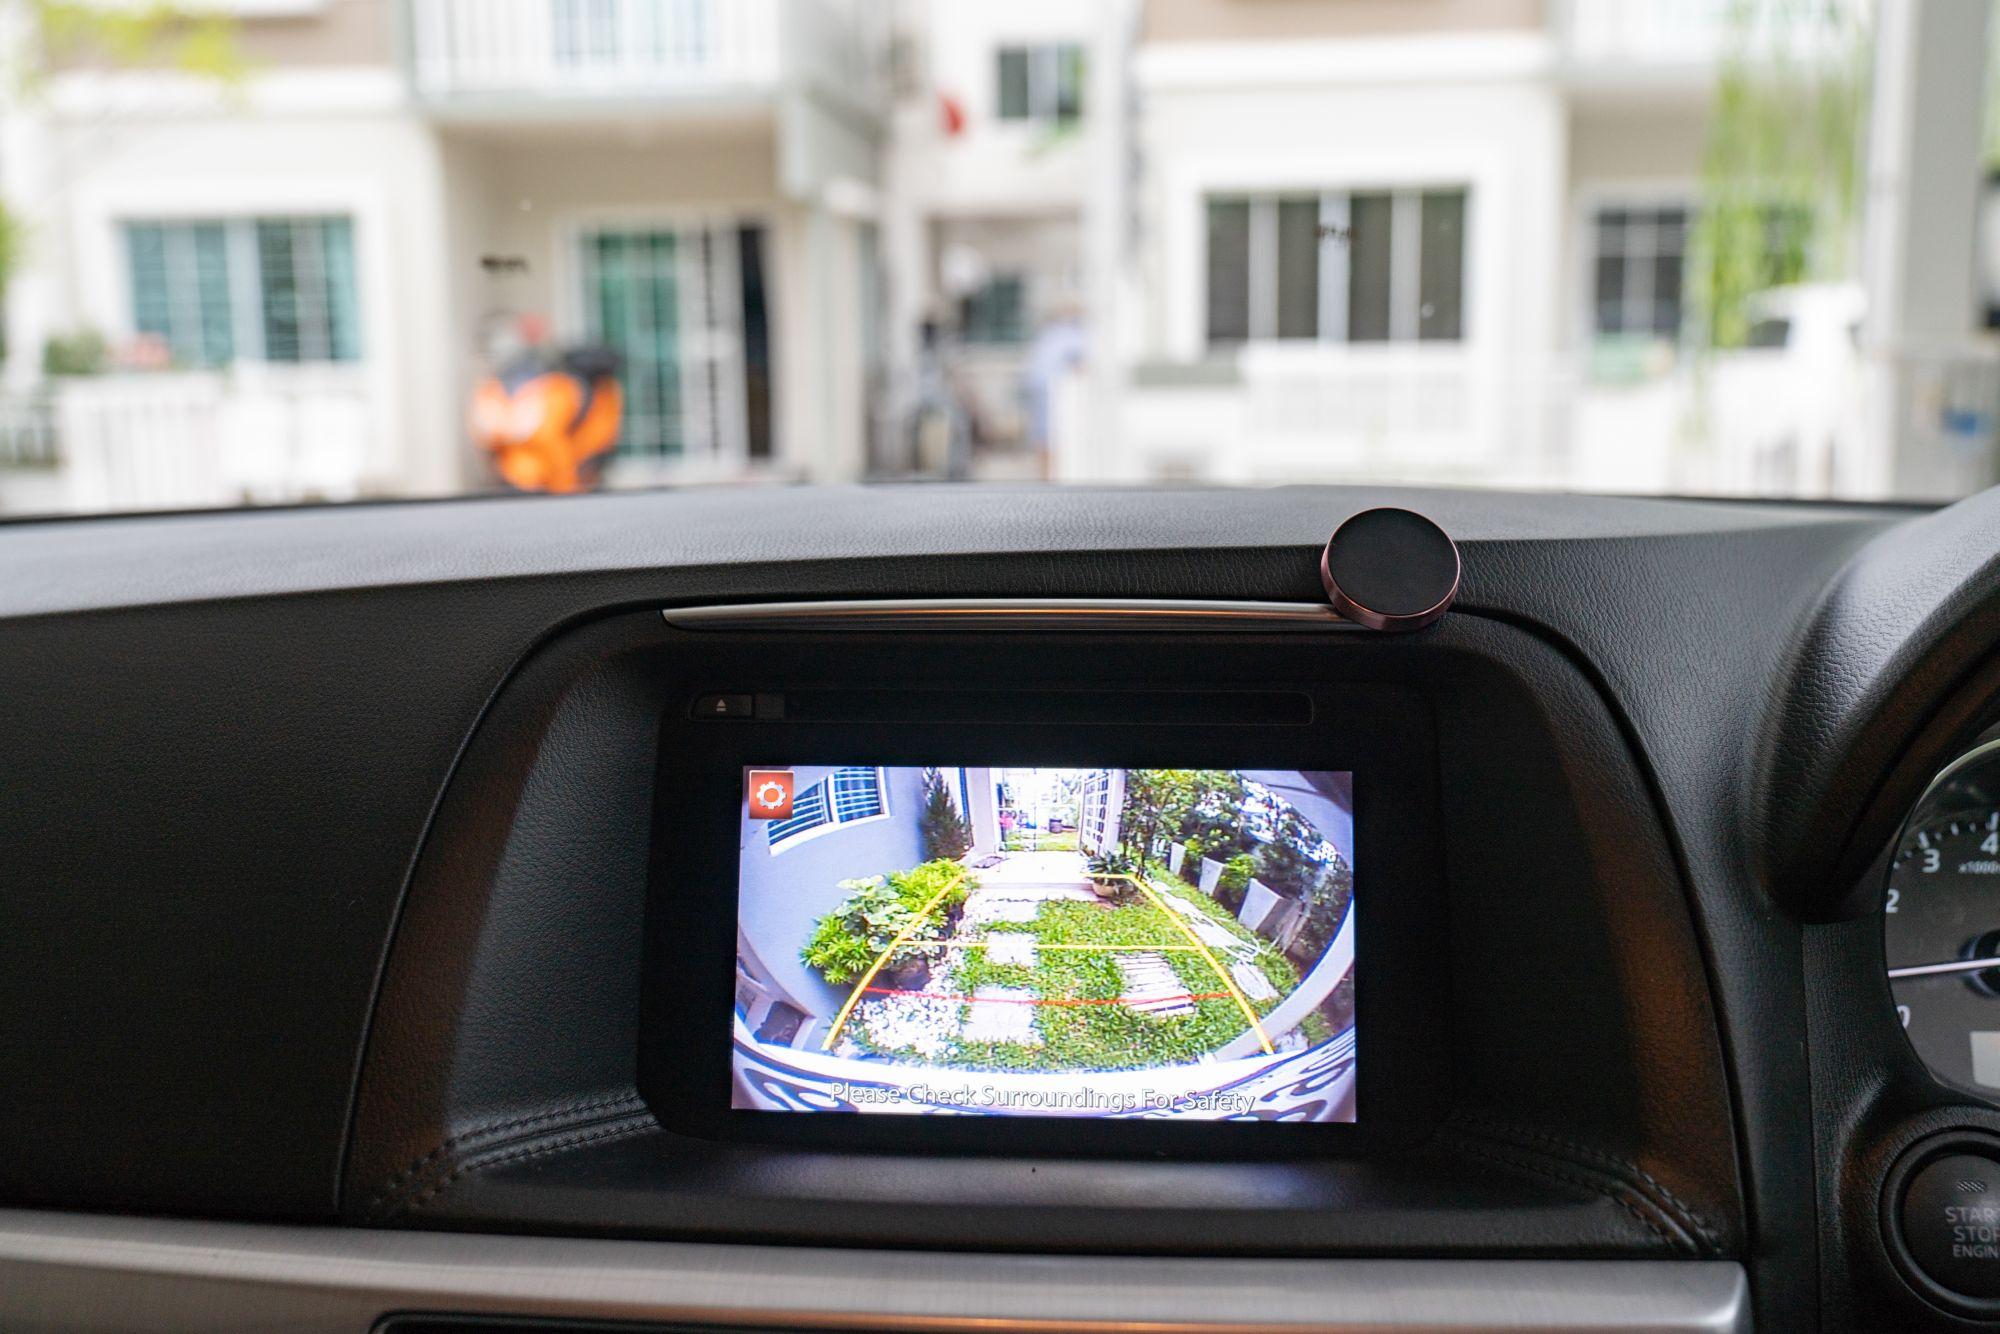 A visszapillantó tükör kamera a tolatásban is segítségedre lehet